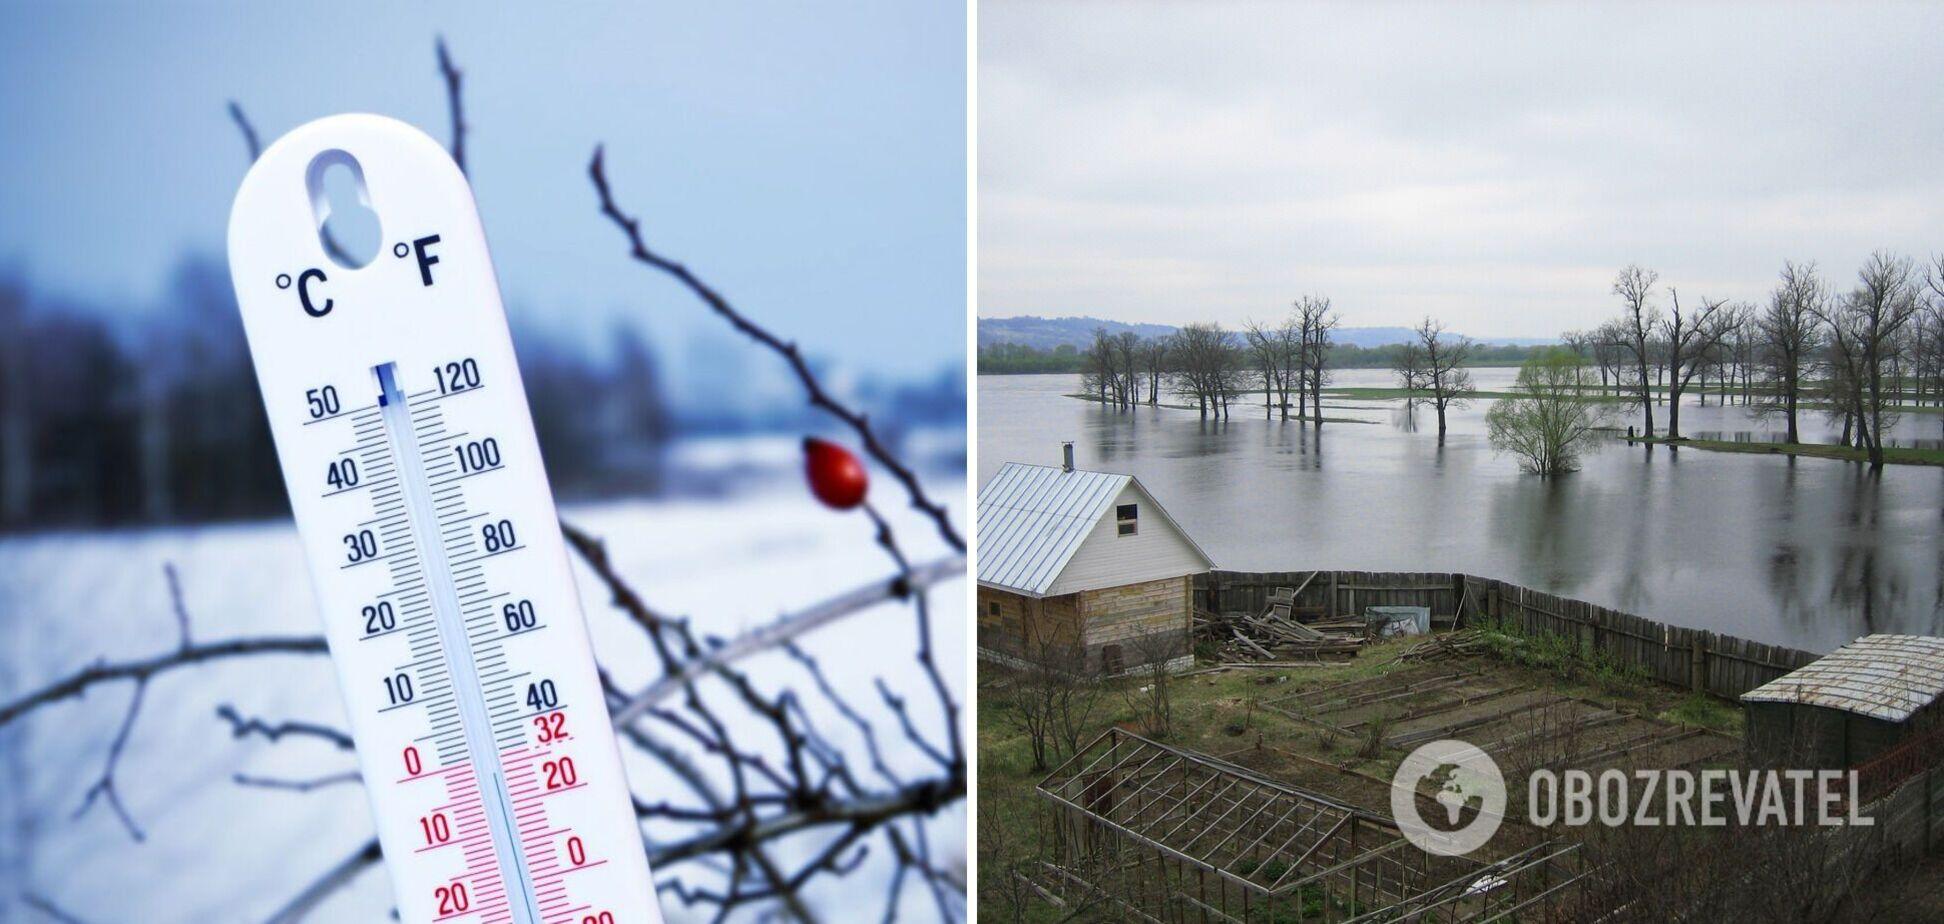 Похолодання і загроза підтоплення на заході: з'явився прогноз погоди в Україні на вівторок. Карта